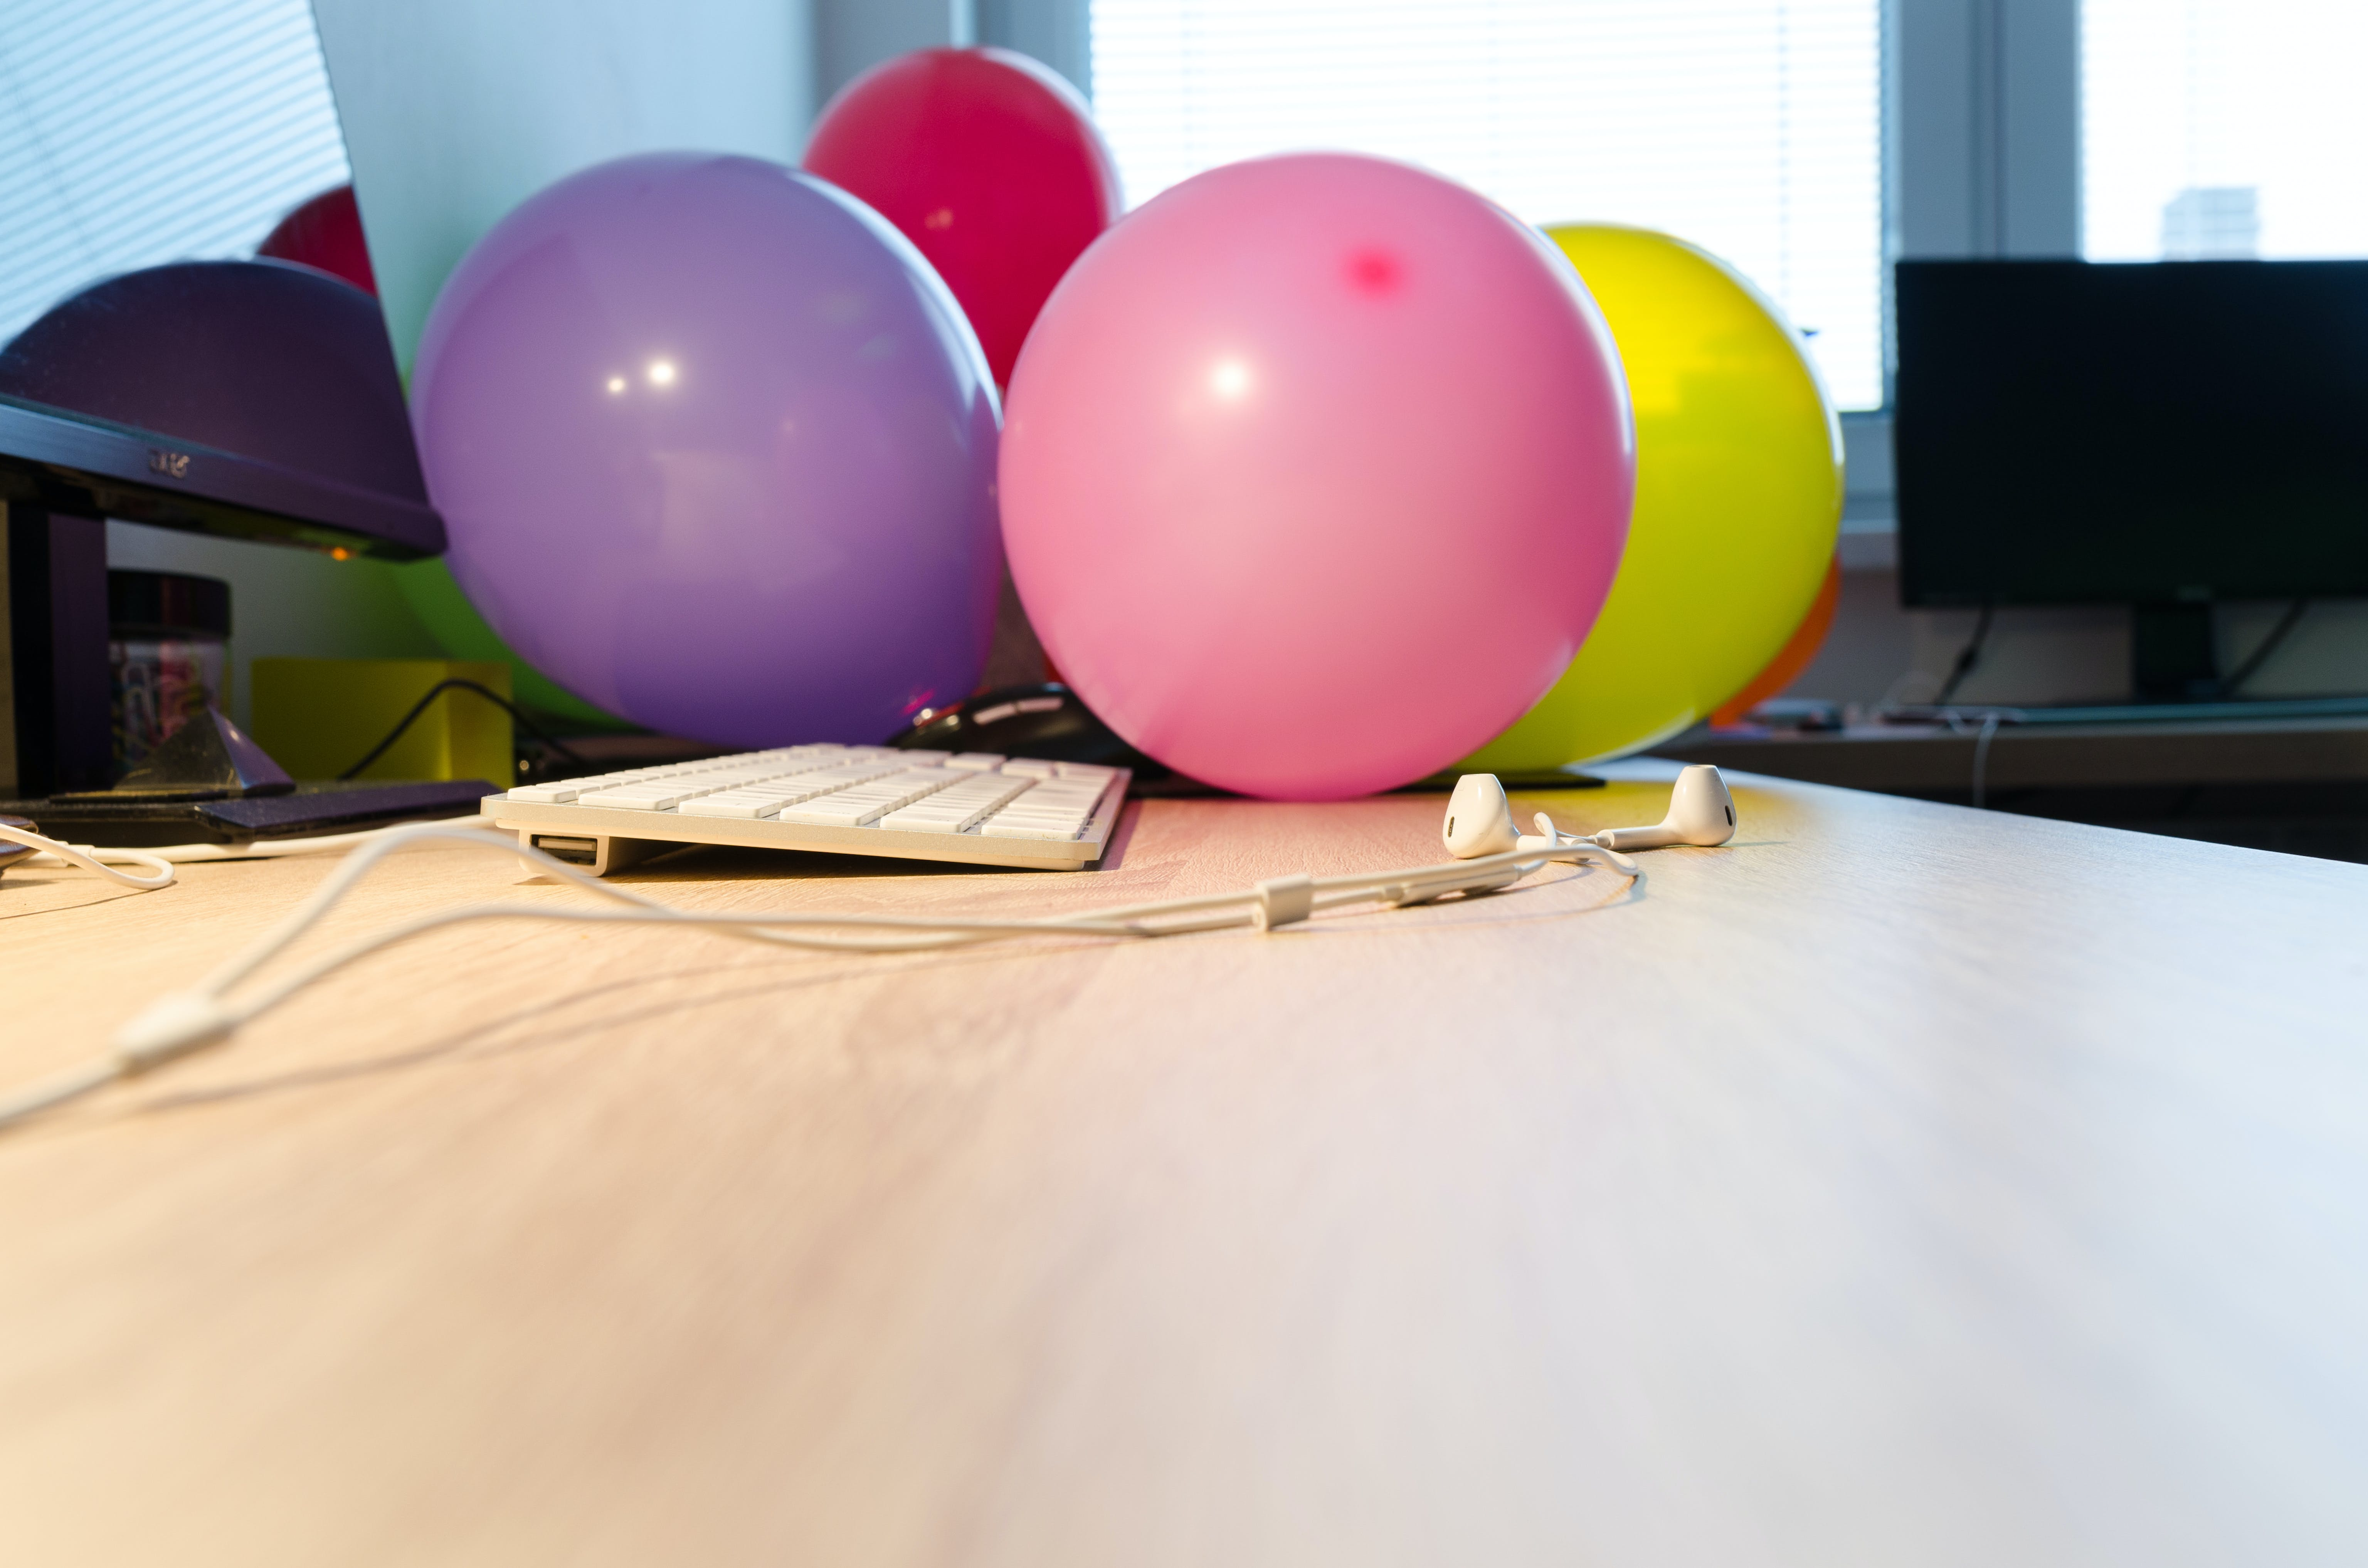 Kostenloses Stock Foto zu arbeit, arbeitsplatz, ballons, bildschirm